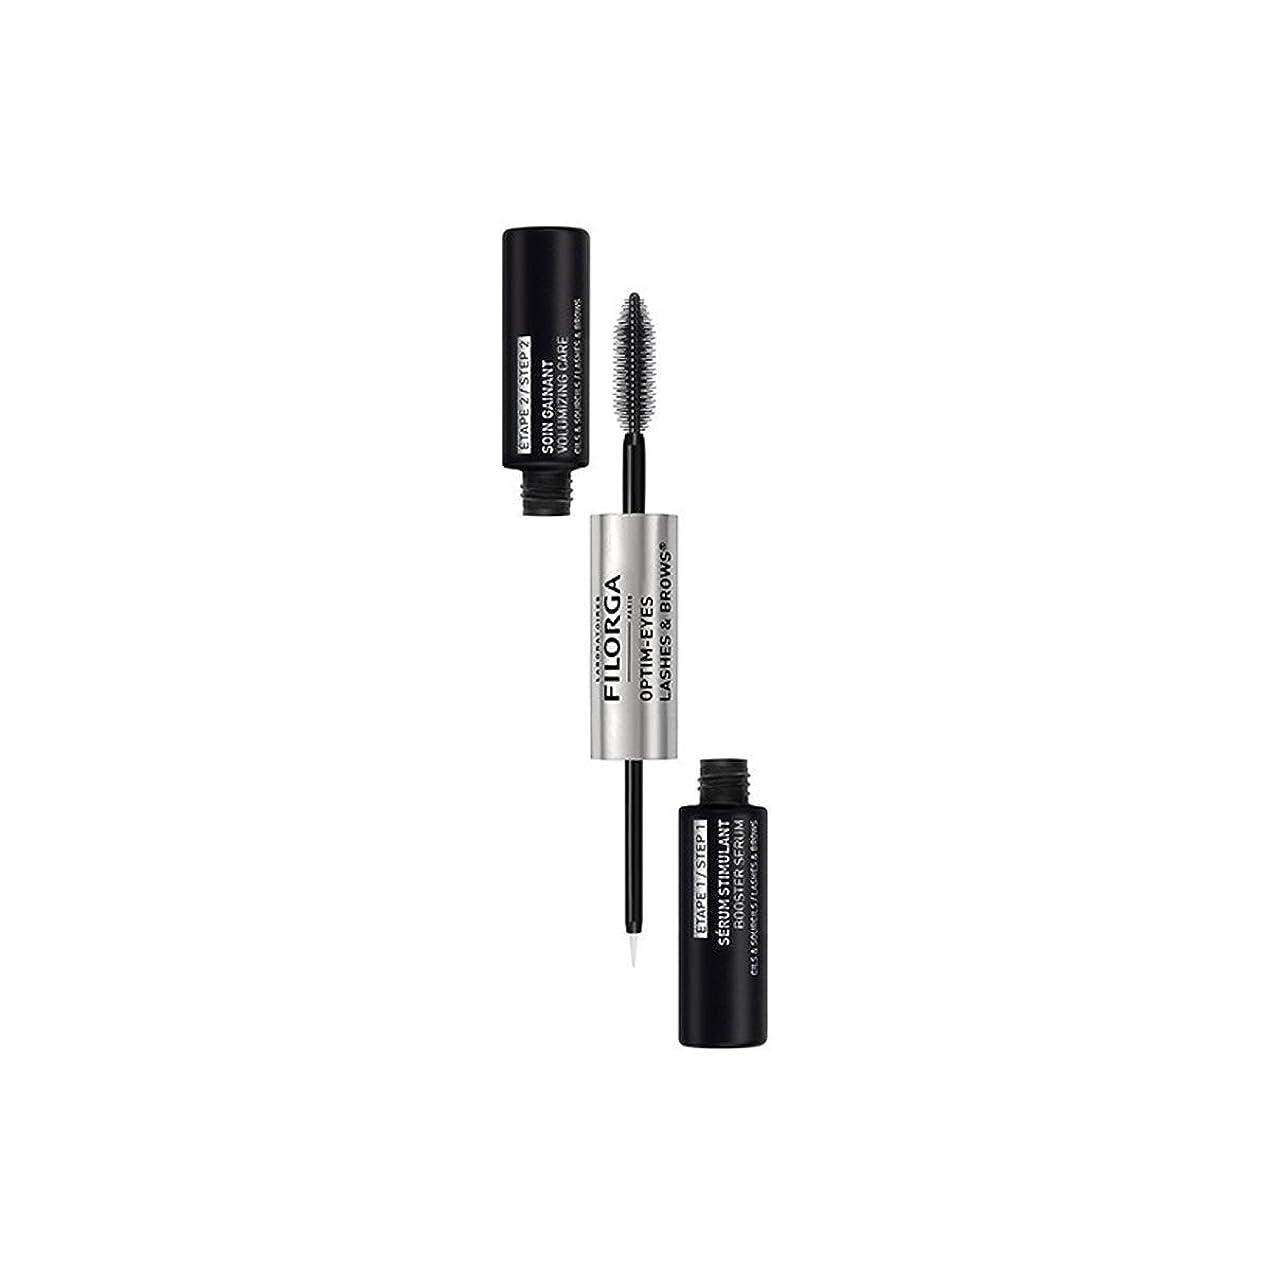 余剰成熟役立つFilorga Optim-eyes Lashes & Brows 2x6,5ml [並行輸入品]